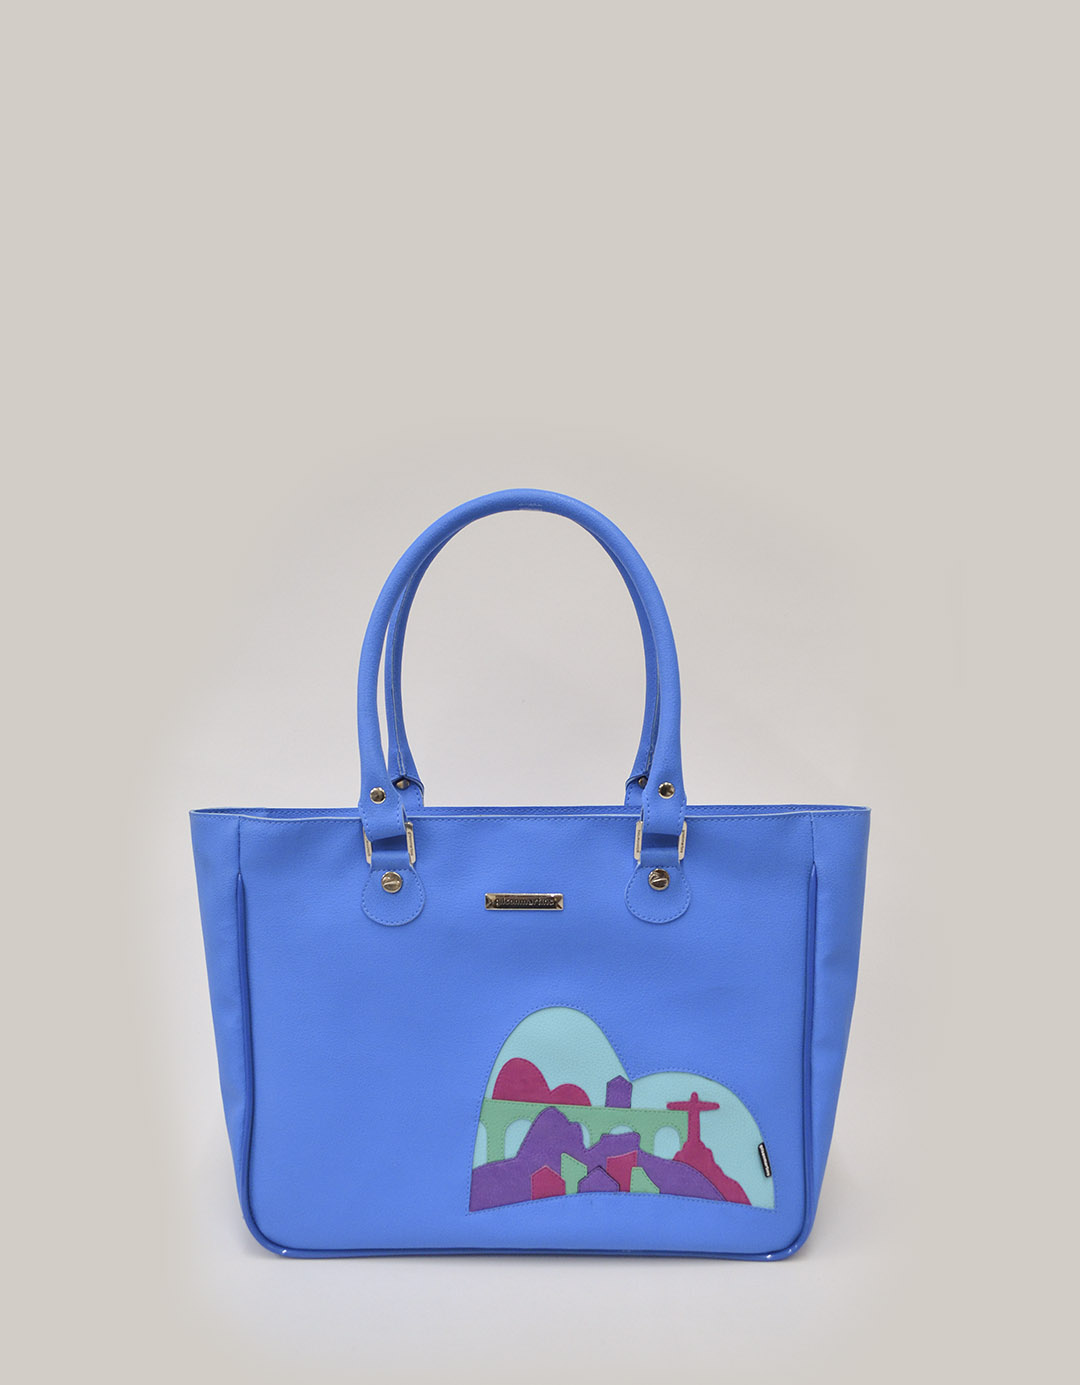 Bolsa Feminina de Ombro Azul Customizada Ipanema Lixo Nobre